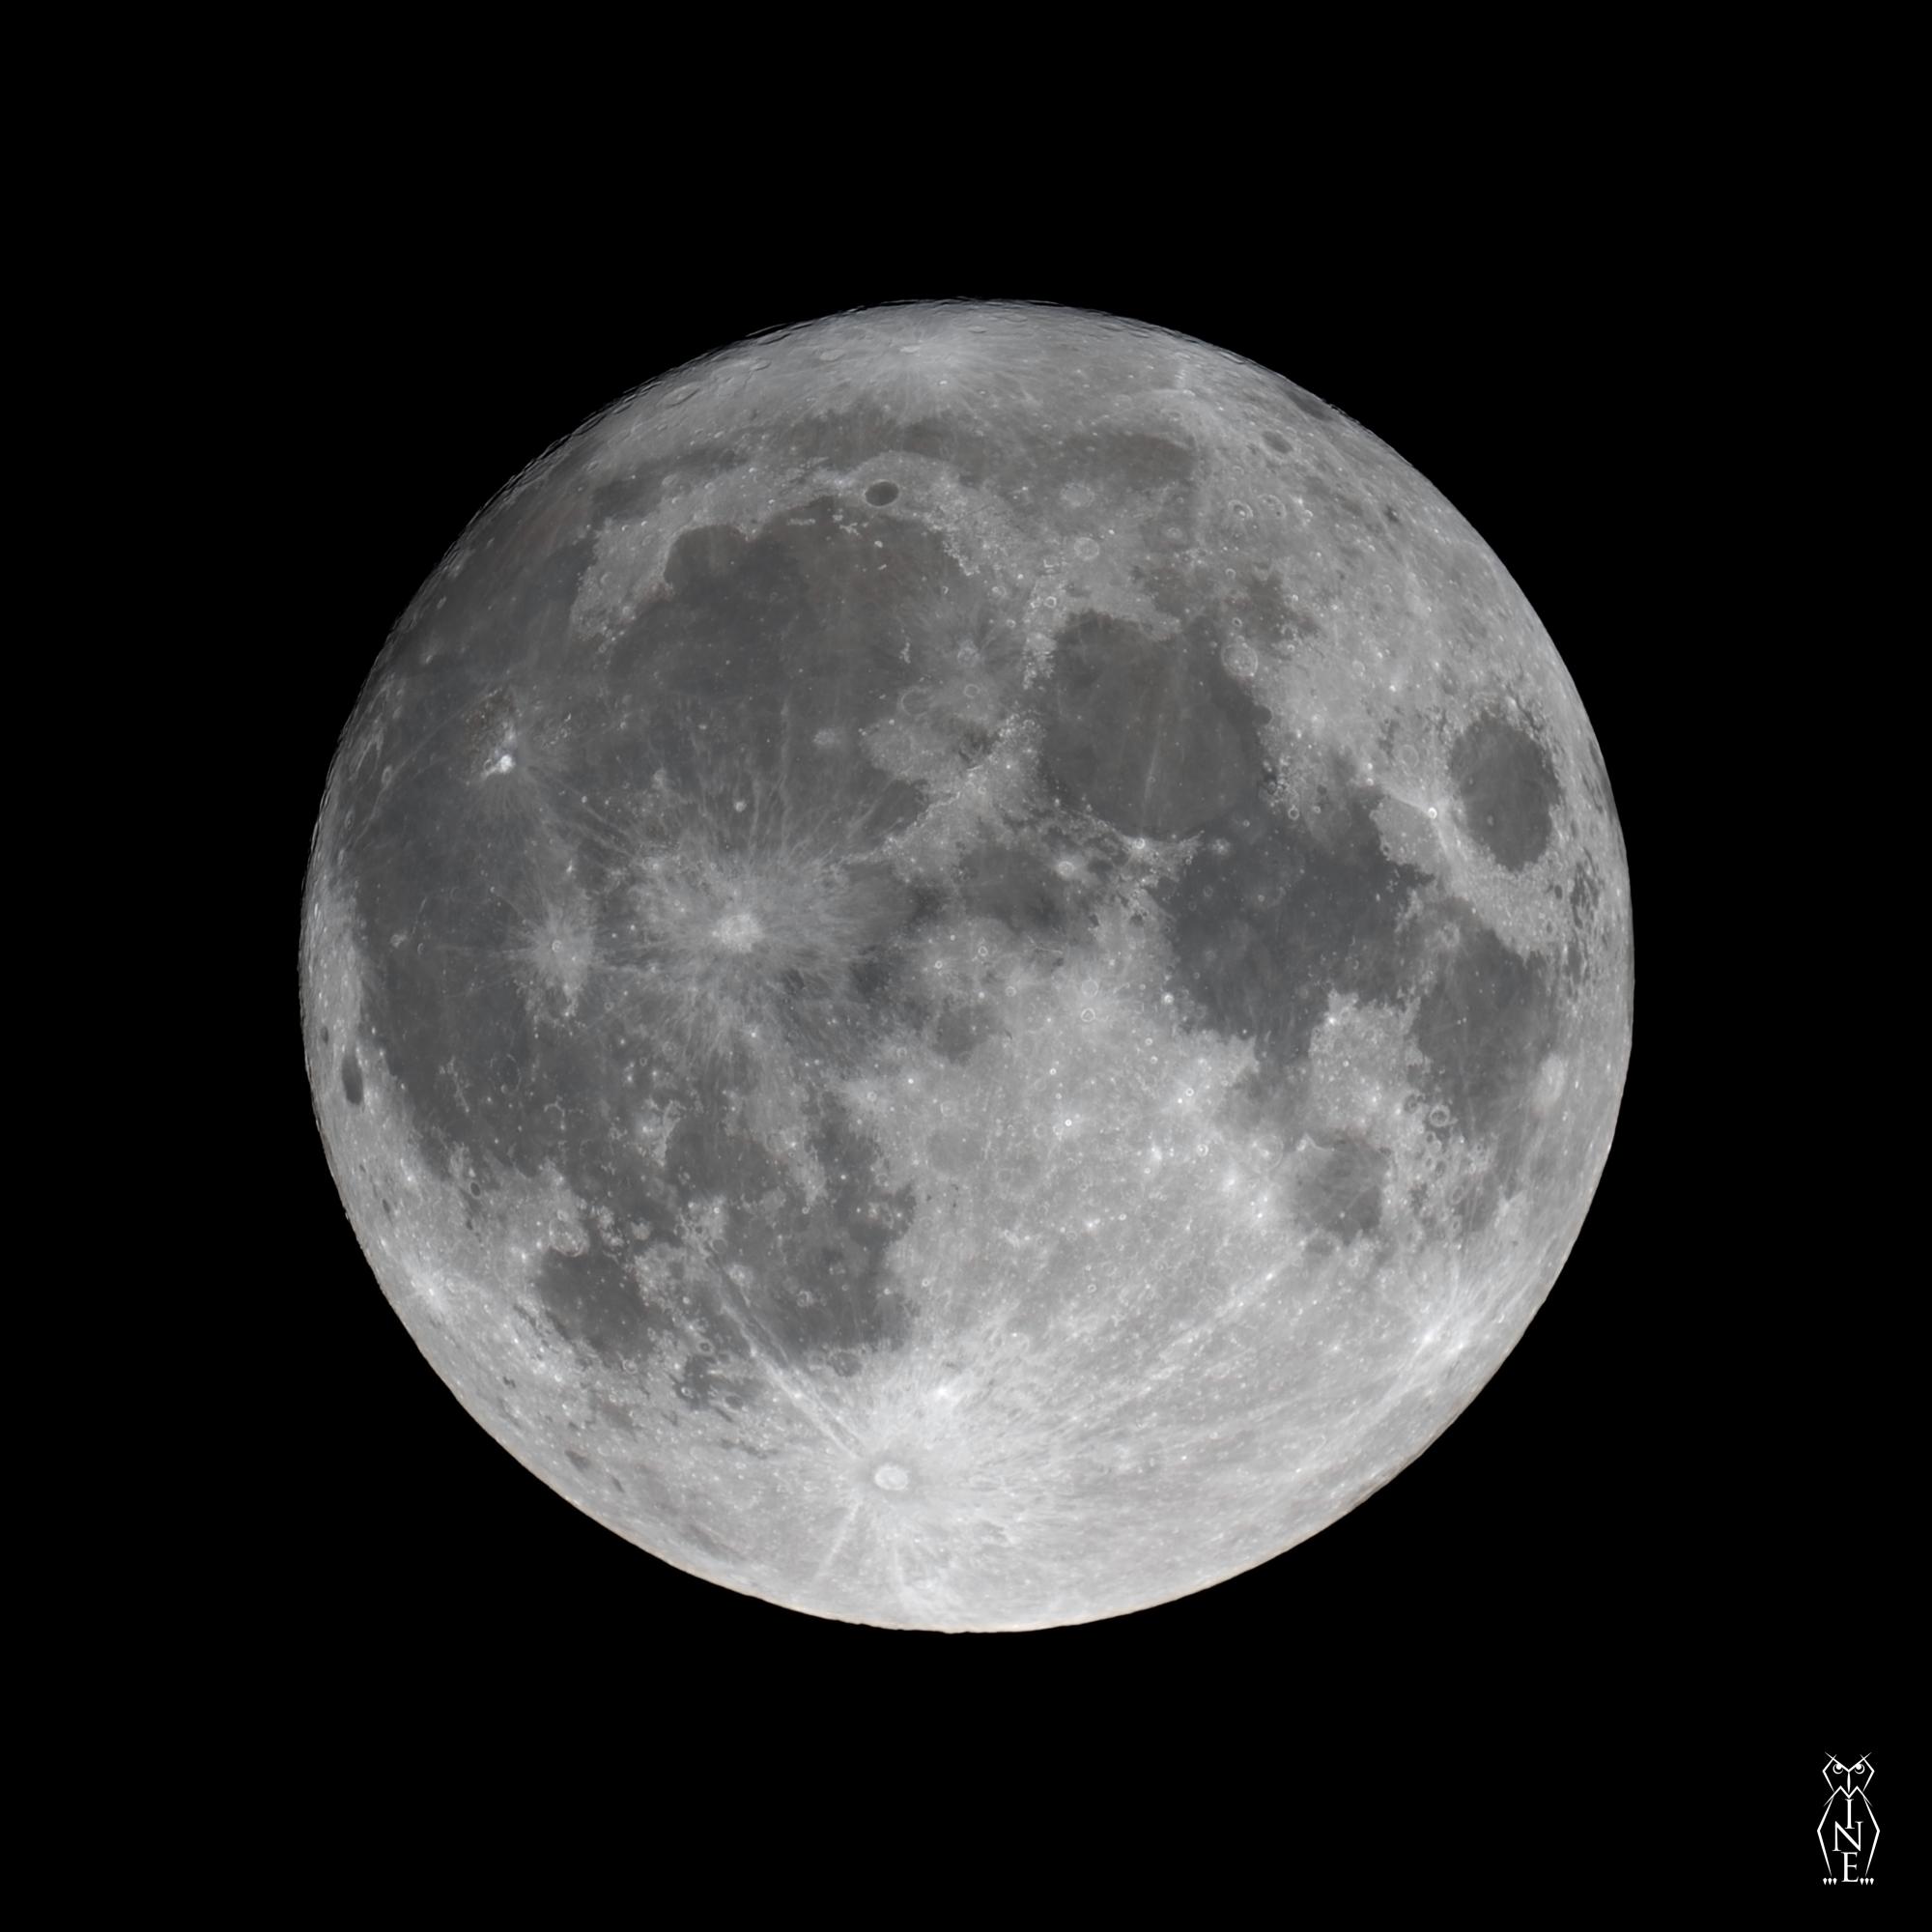 Lune130919.thumb.png.90190d3d6add3f7edf91a9afaccfe7f3.png